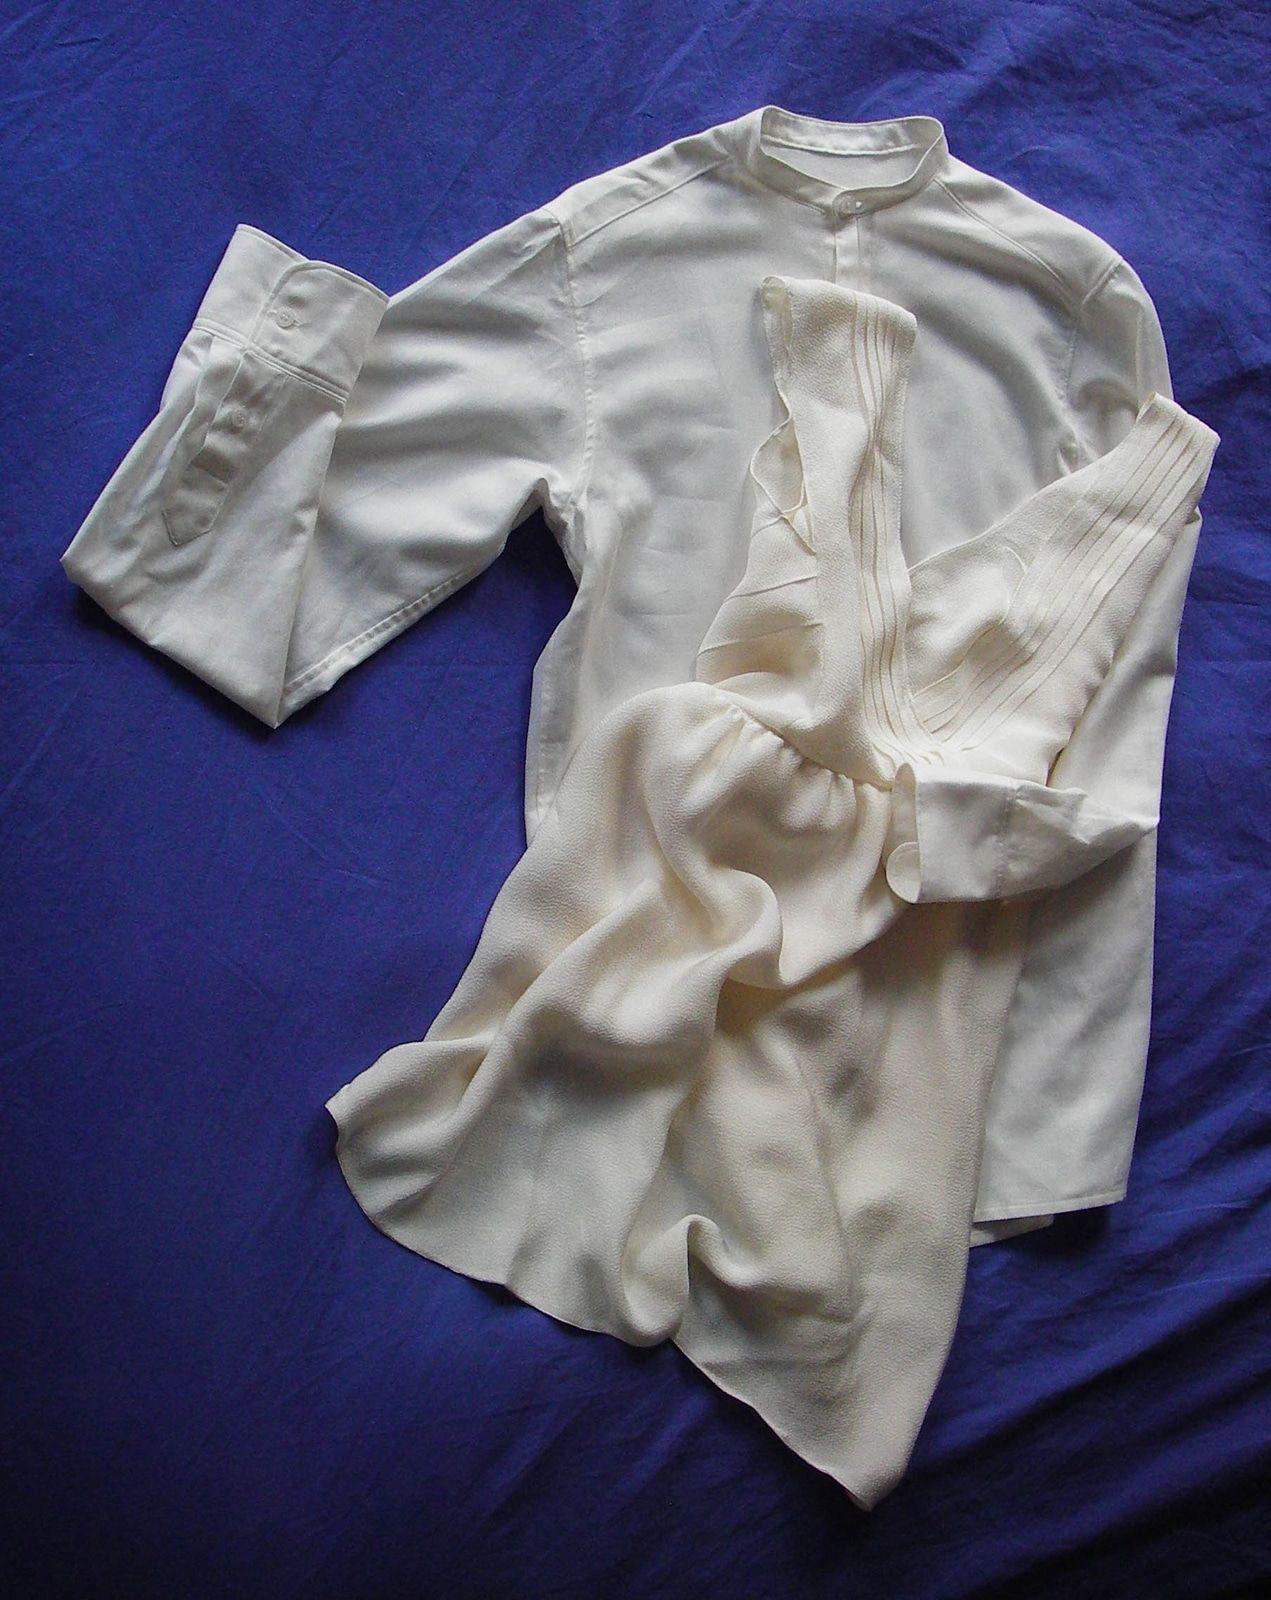 La valse des maries – Robe en crepe de soie ecru – Details de plis – Dos nu et plisse – Alice C